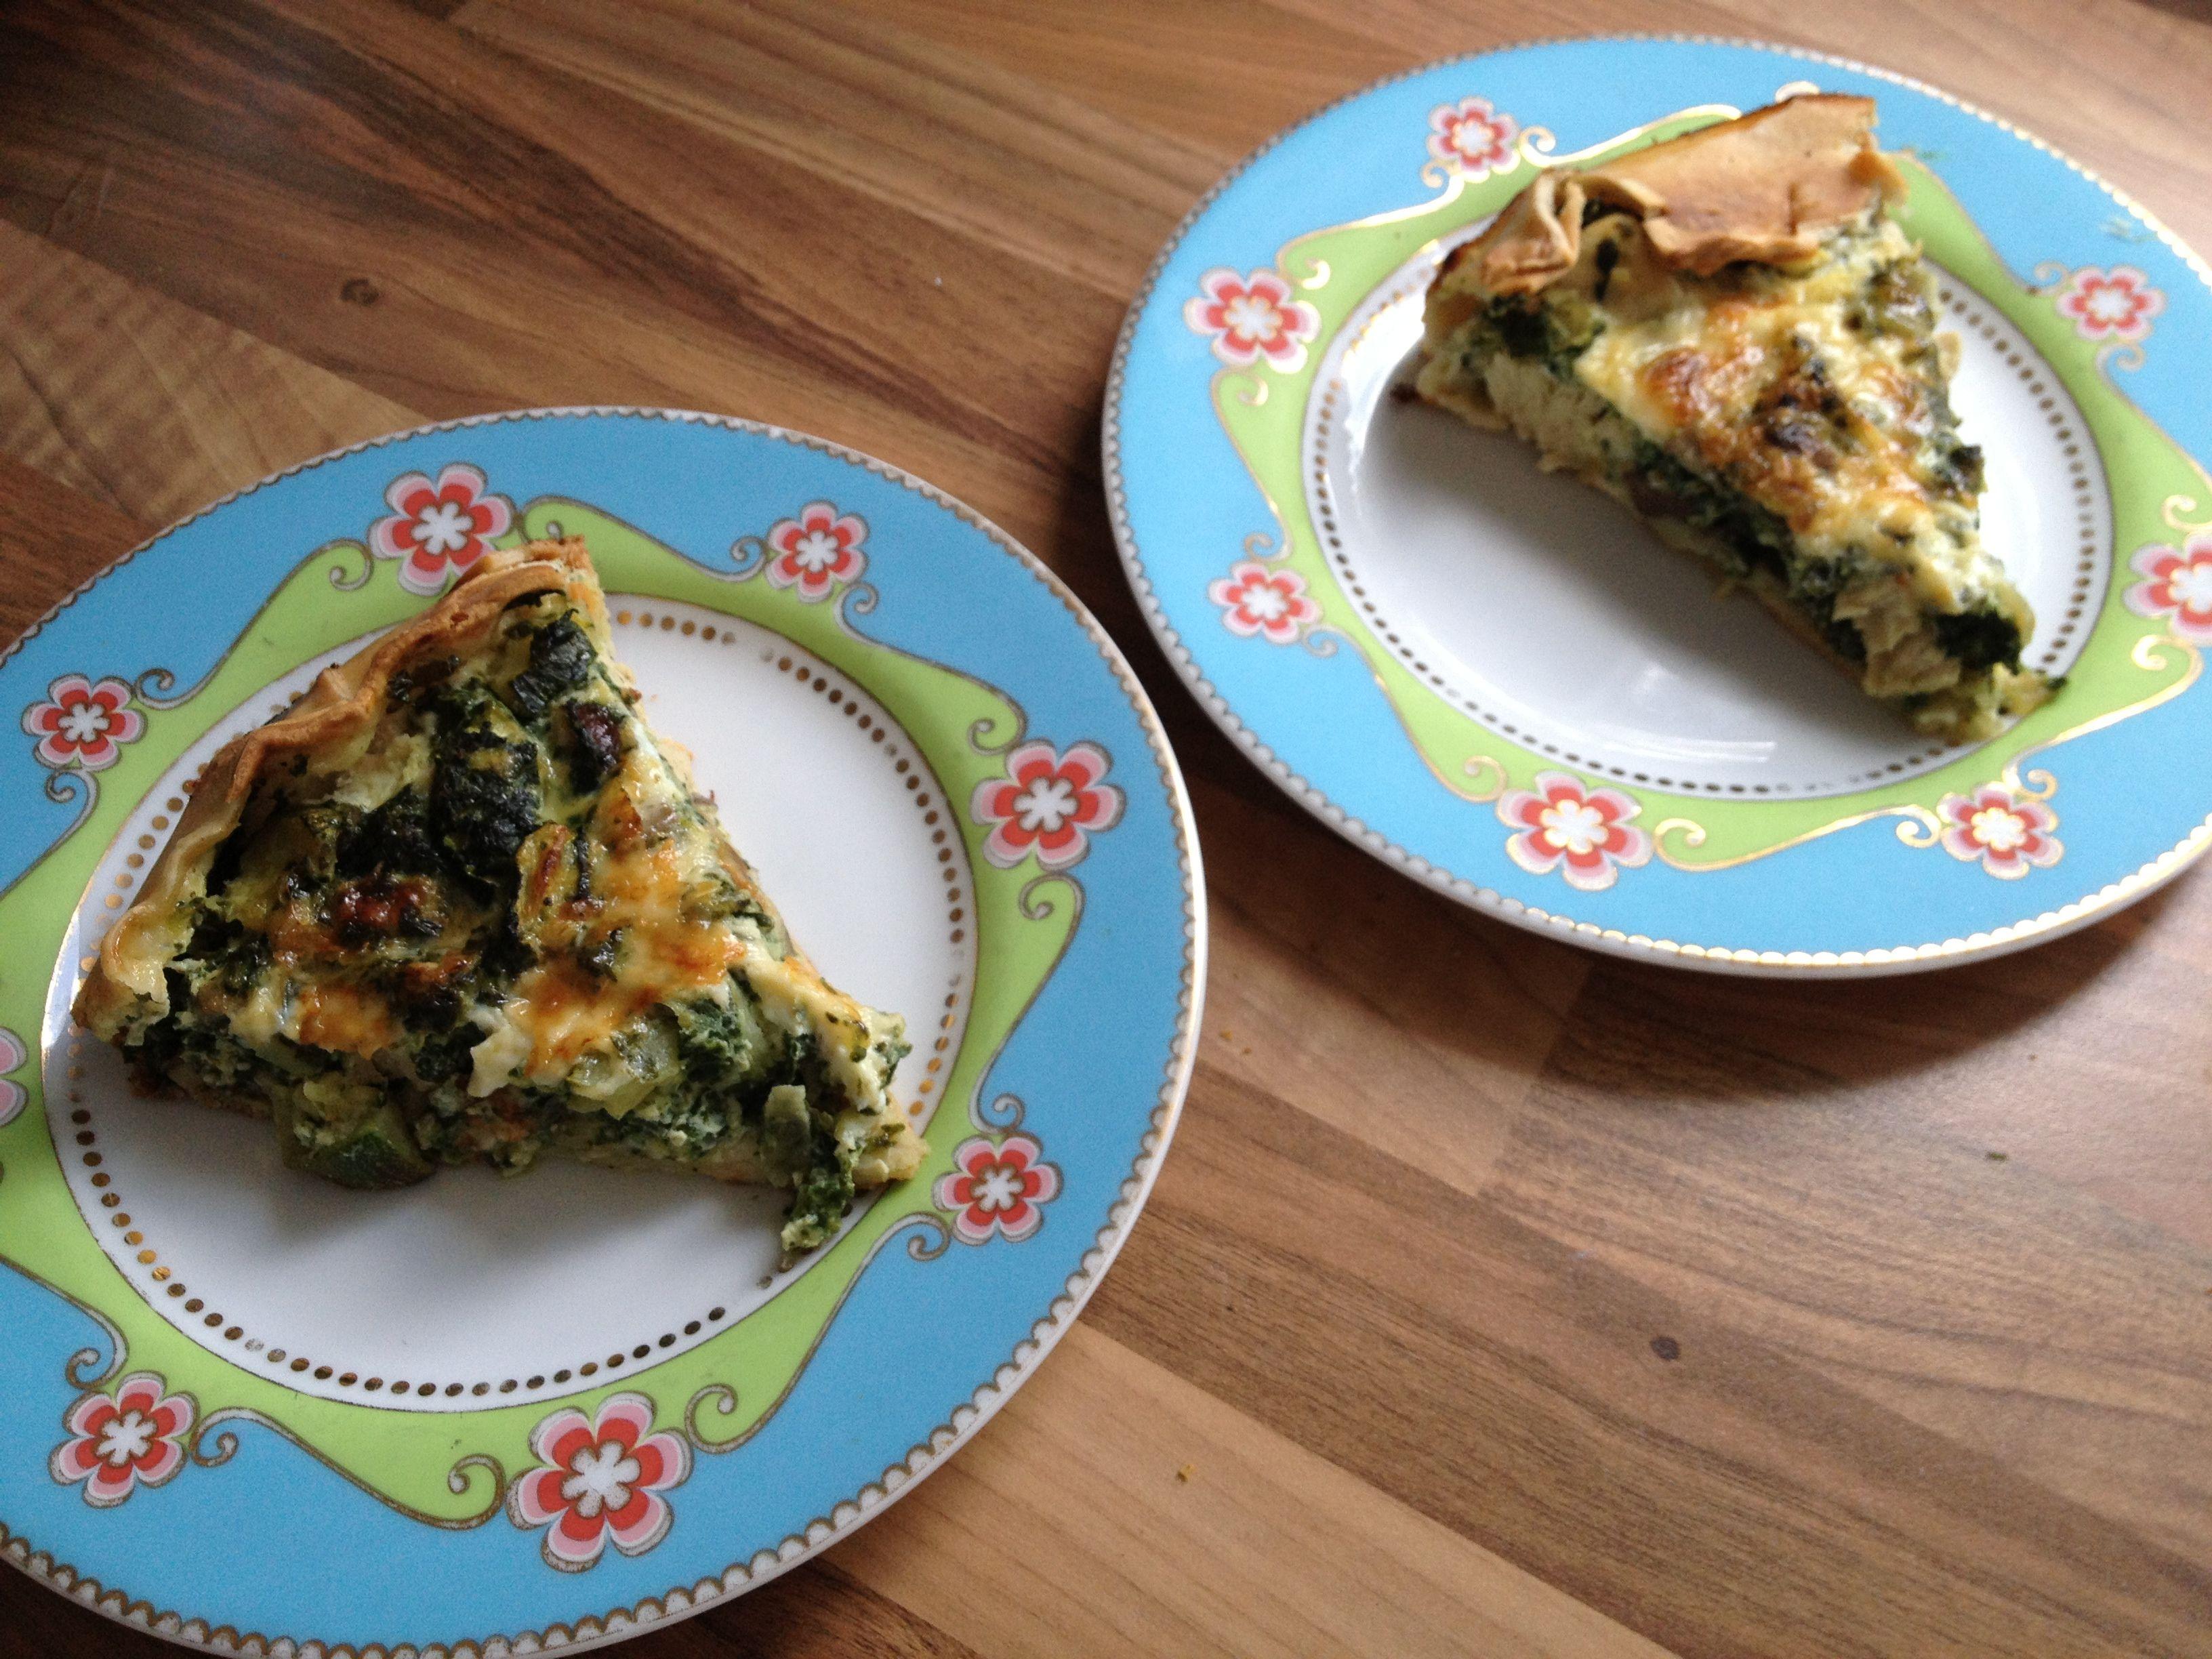 Hartige taart met spinazie, courgette, kaas en kastanje champignons